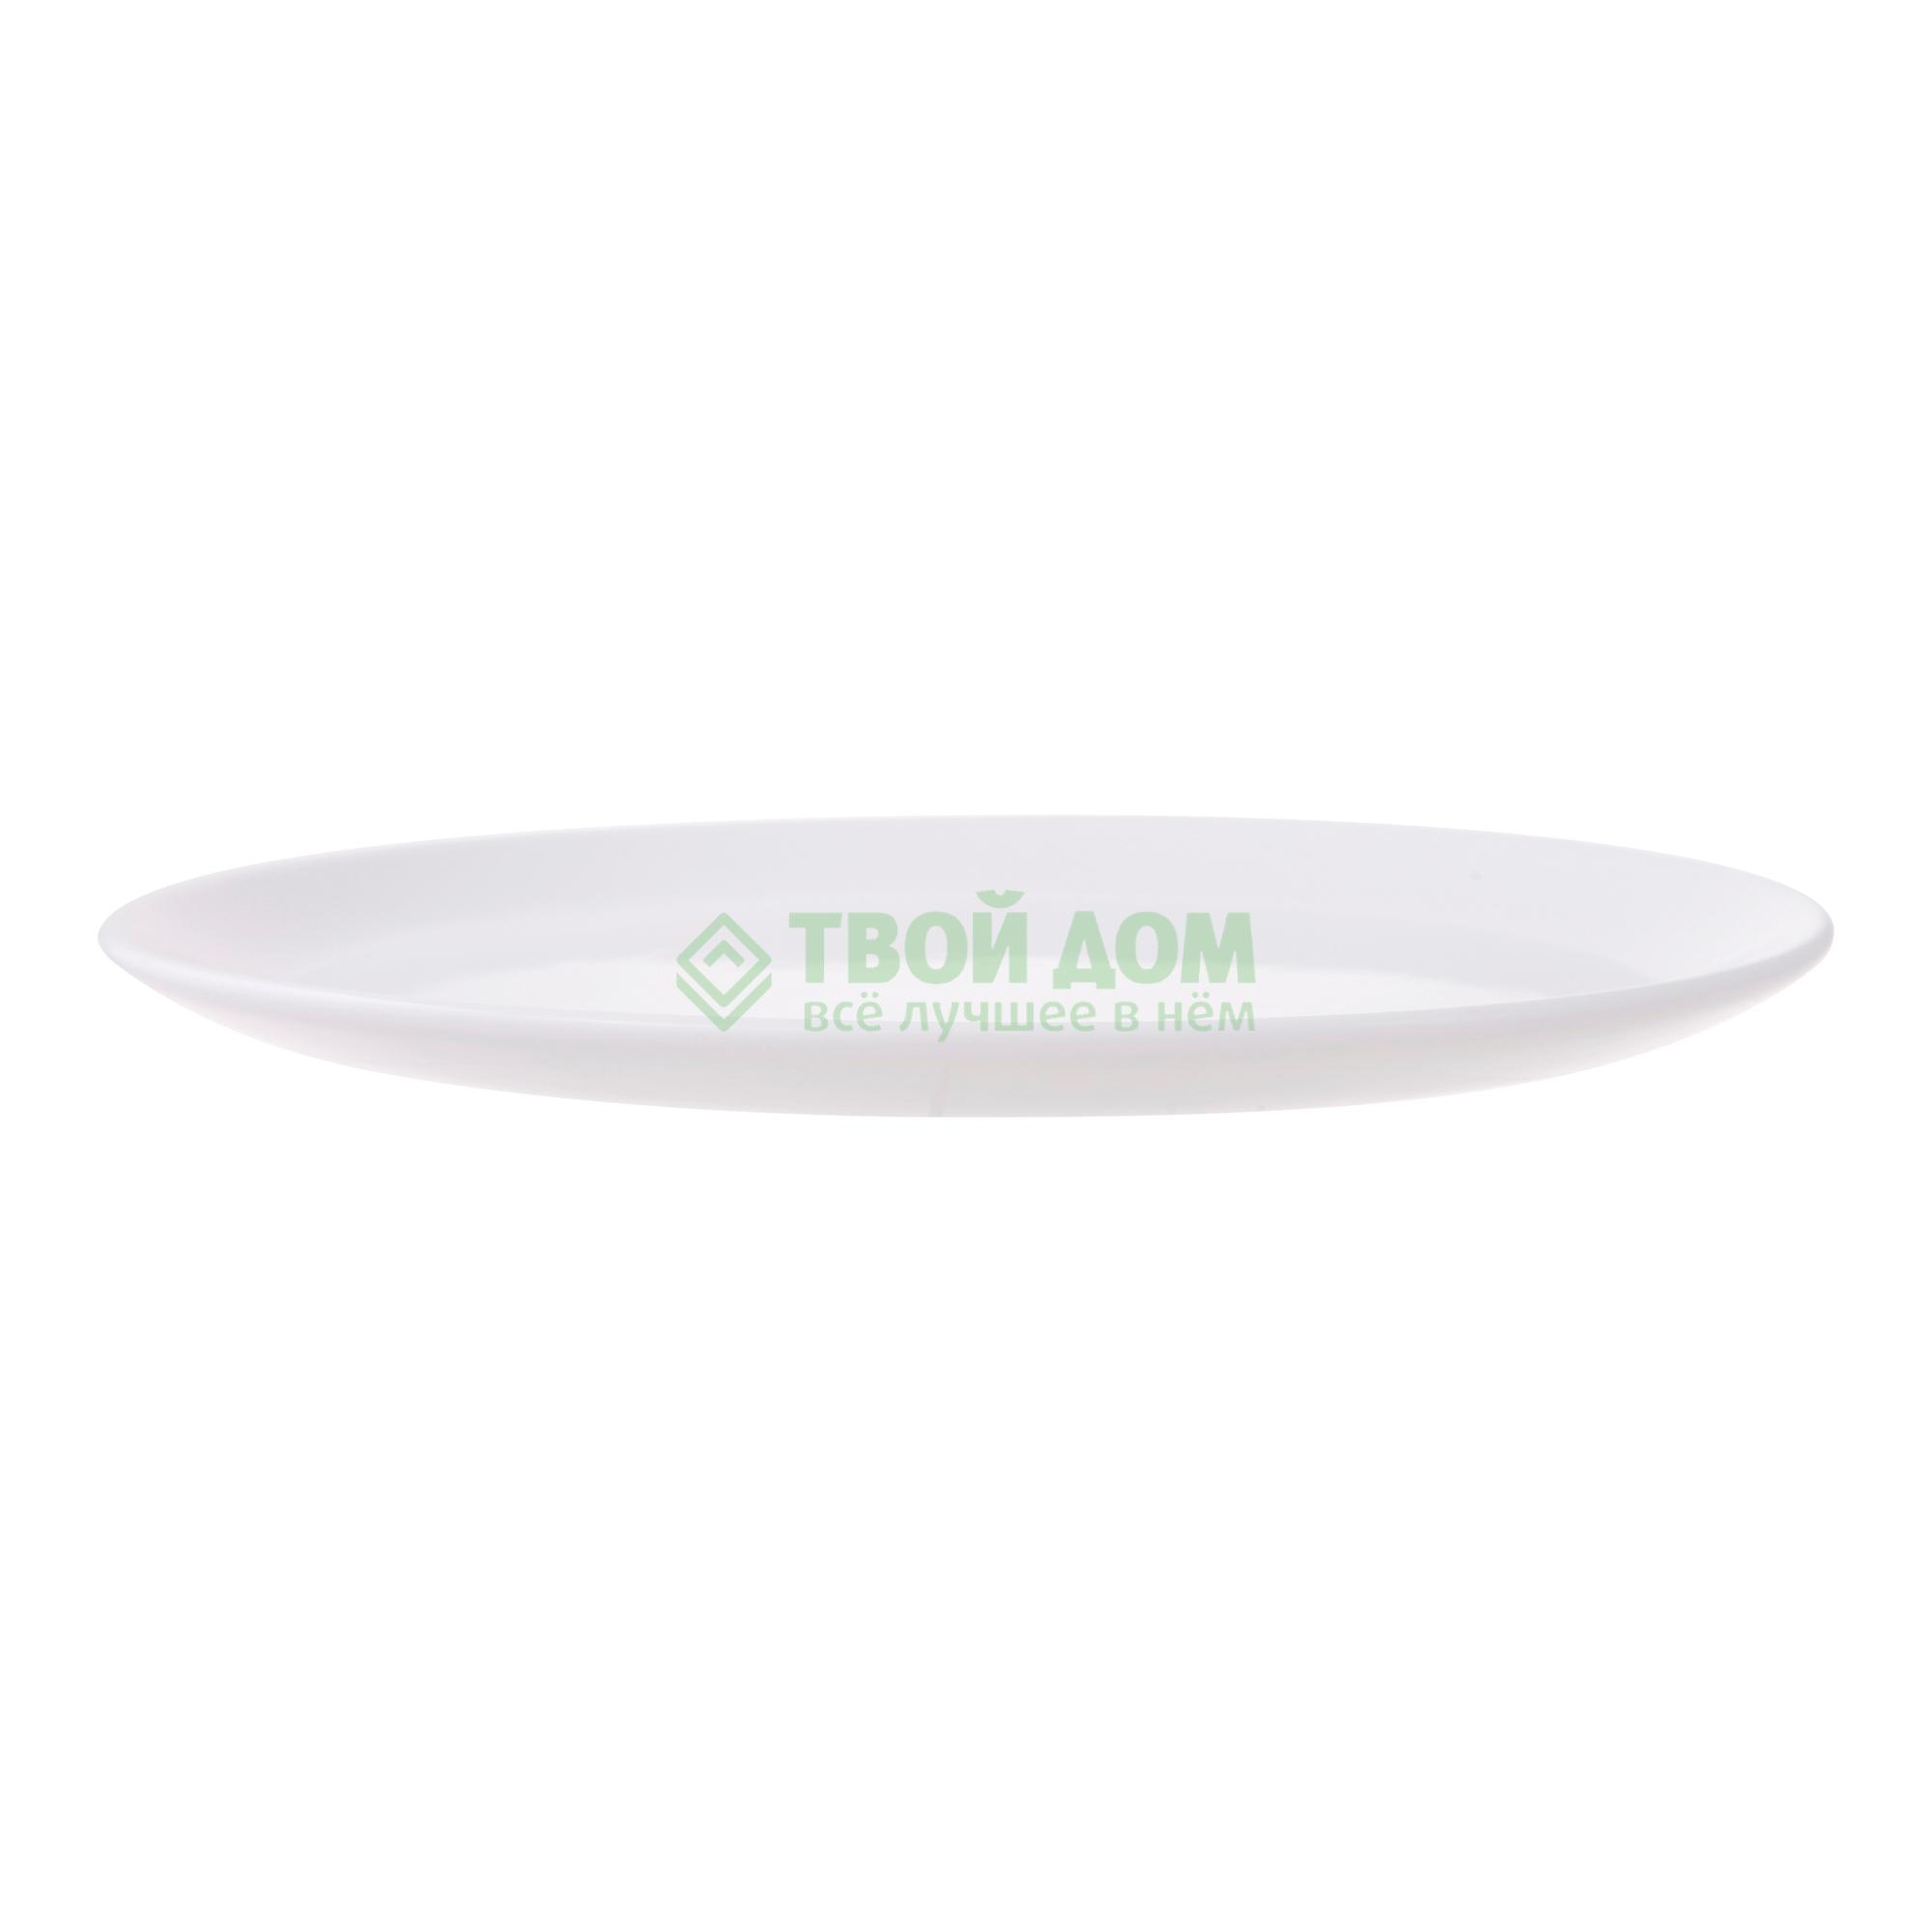 Фото - Тарелка Asa Selection A Table 30 х 24 см тарелка asa selection a table 25 см